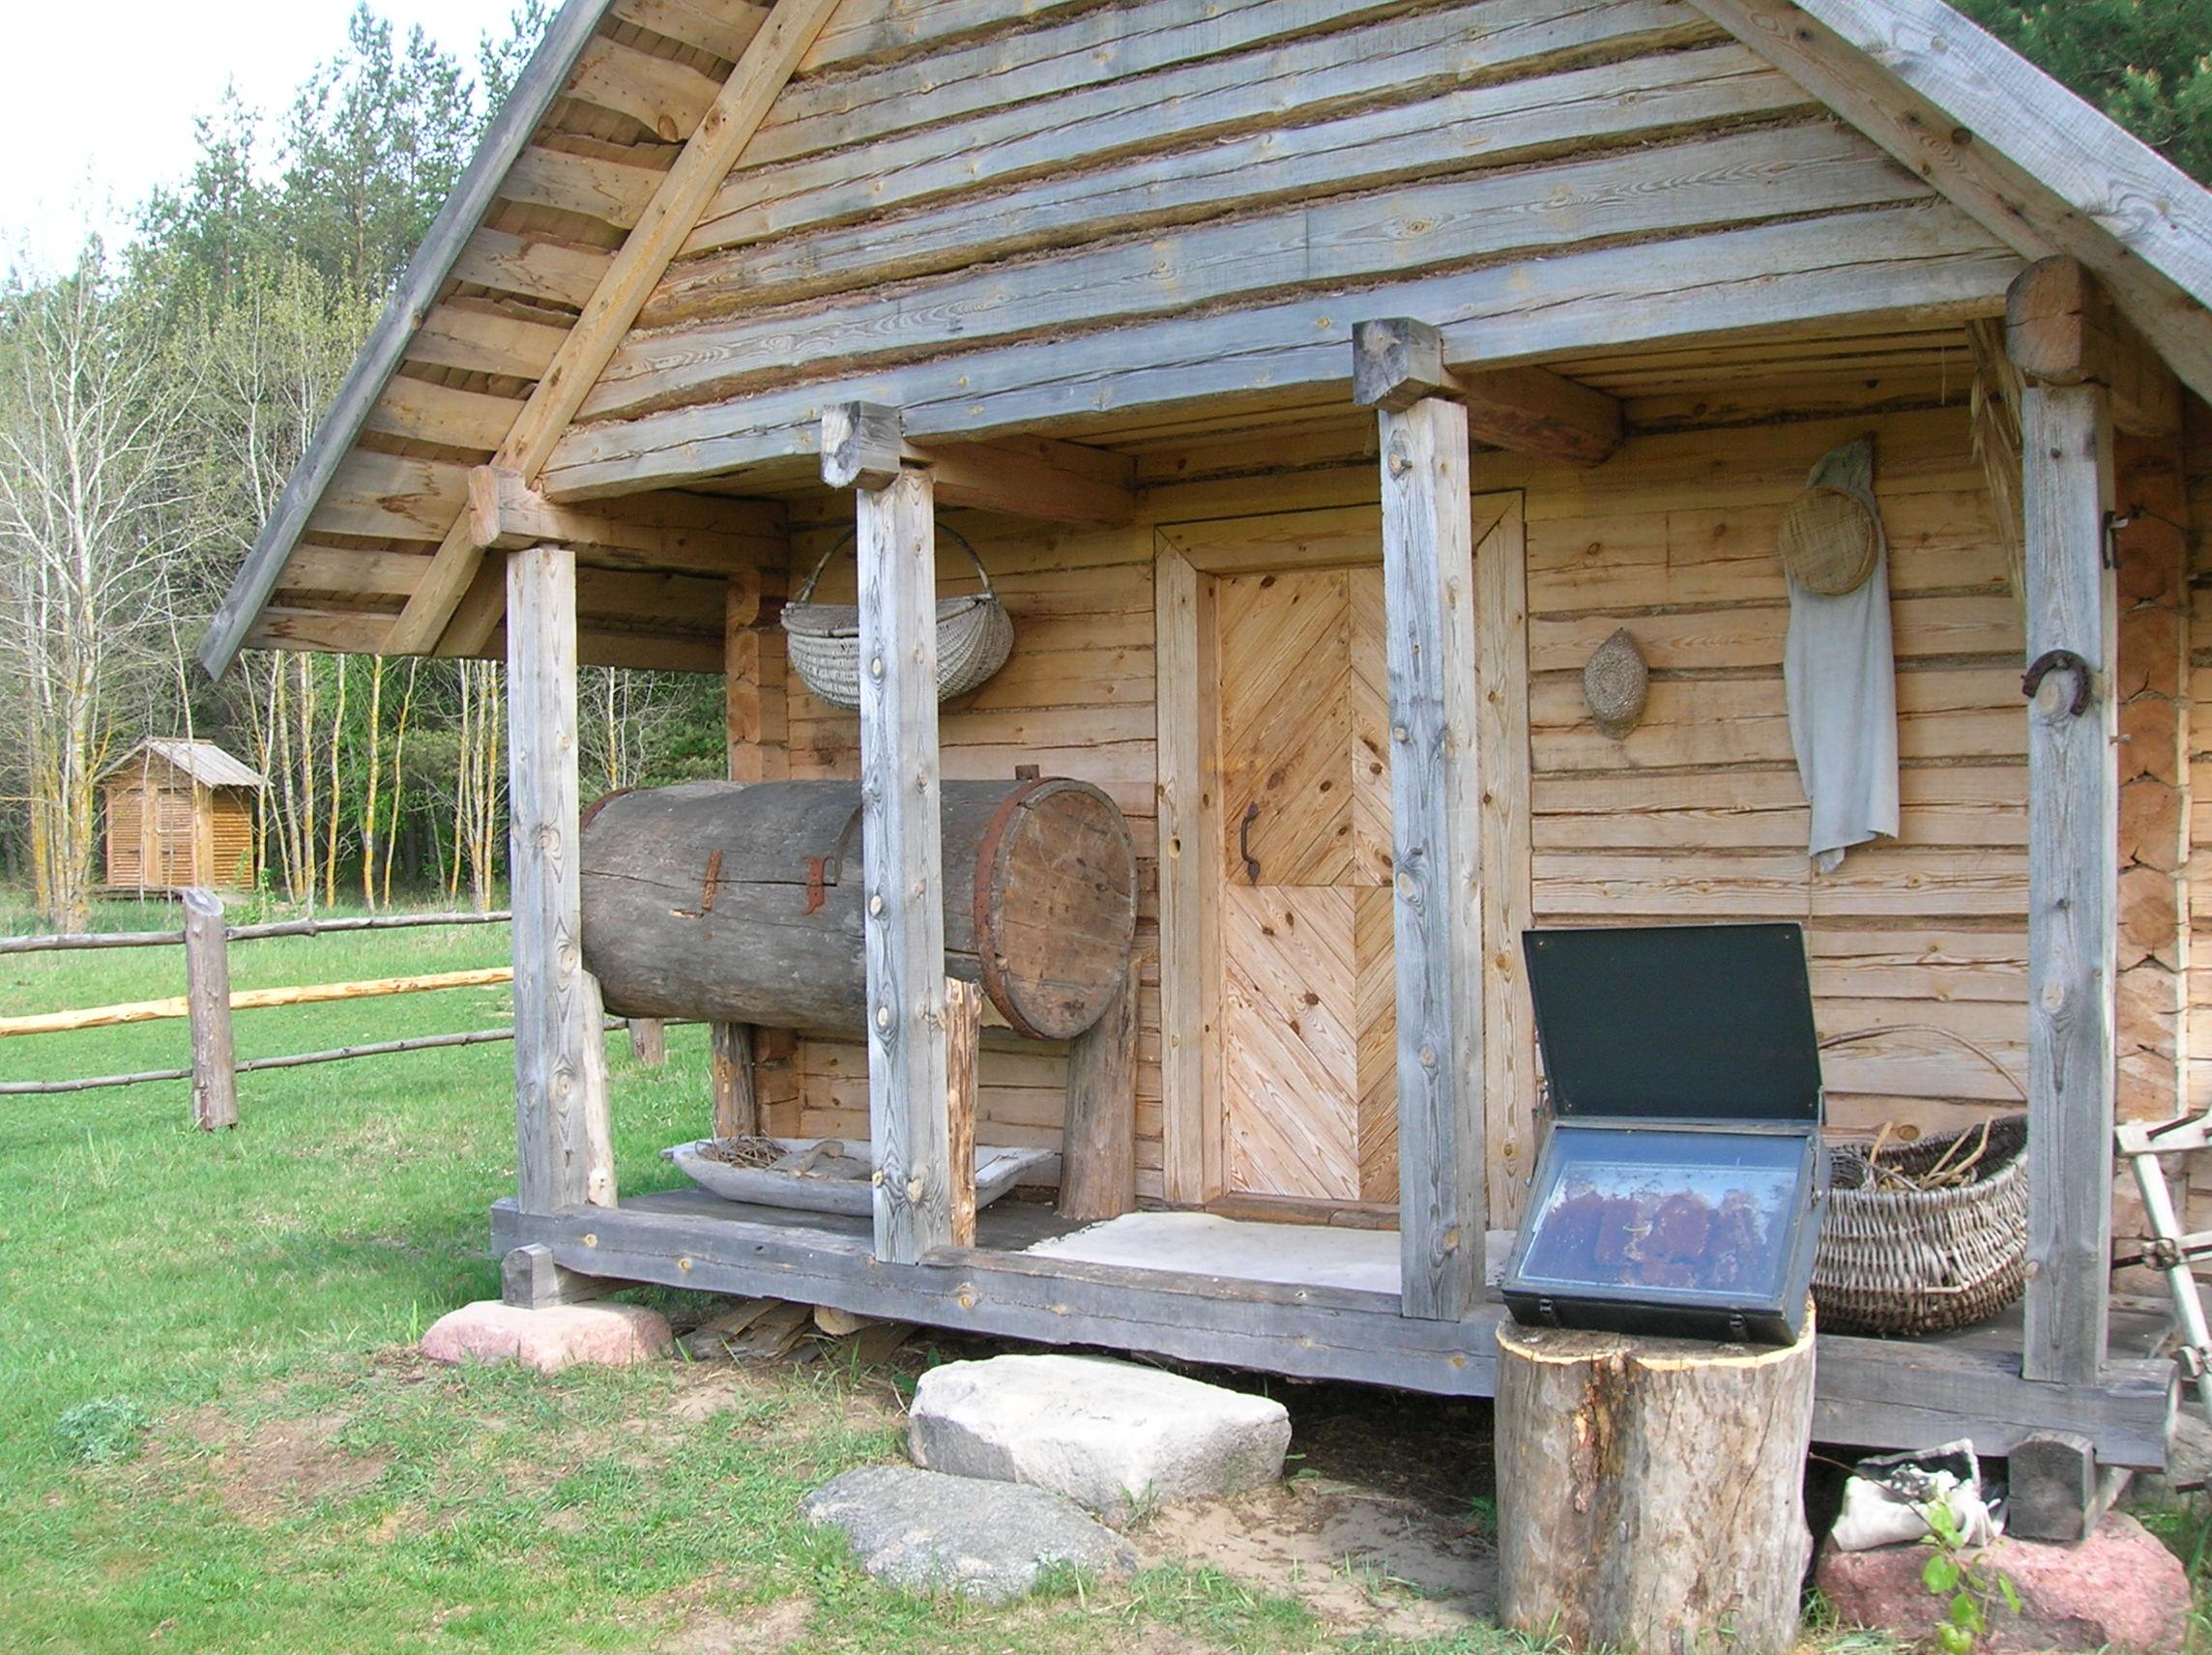 Prieangis su durimis (senoviniai durų raštai). Musteikos kaimas, Bitininkystės muziejus. | Bitininkystės muziejaus nuotr.